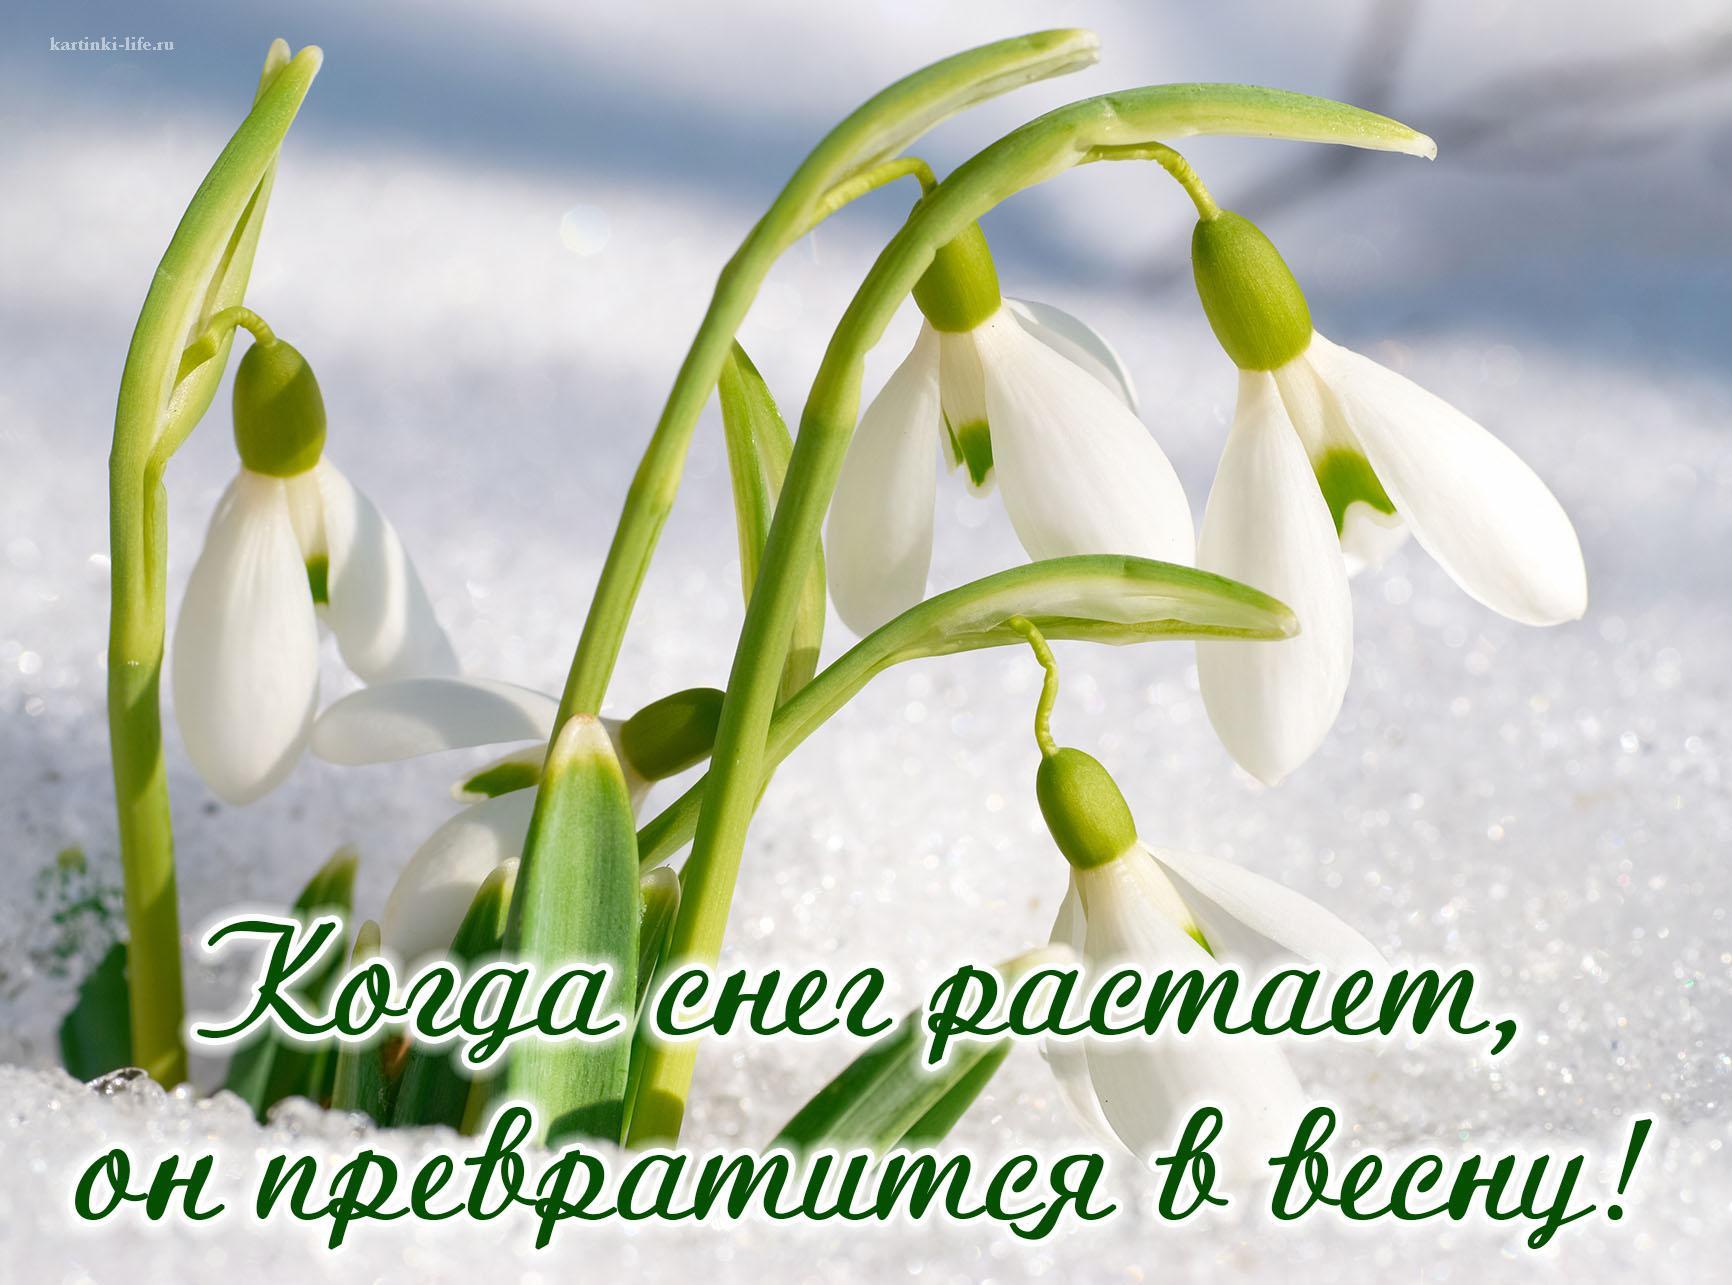 Когда снег растает, он превратится в весну!